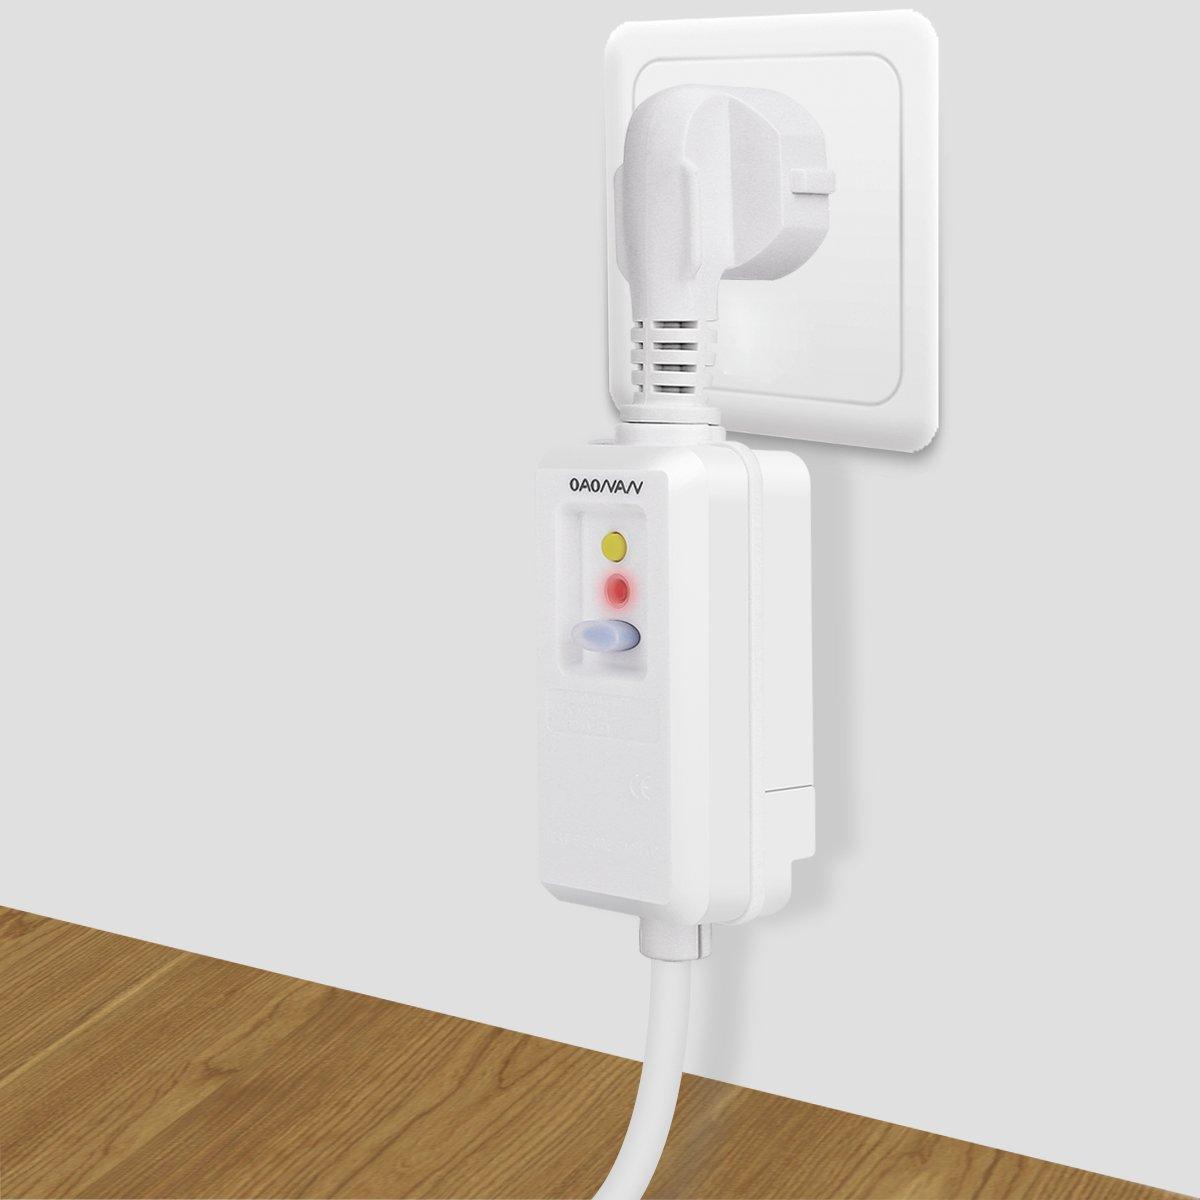 OAONAN Dispositivo de circuito residual enchufe el/éctrico 16A